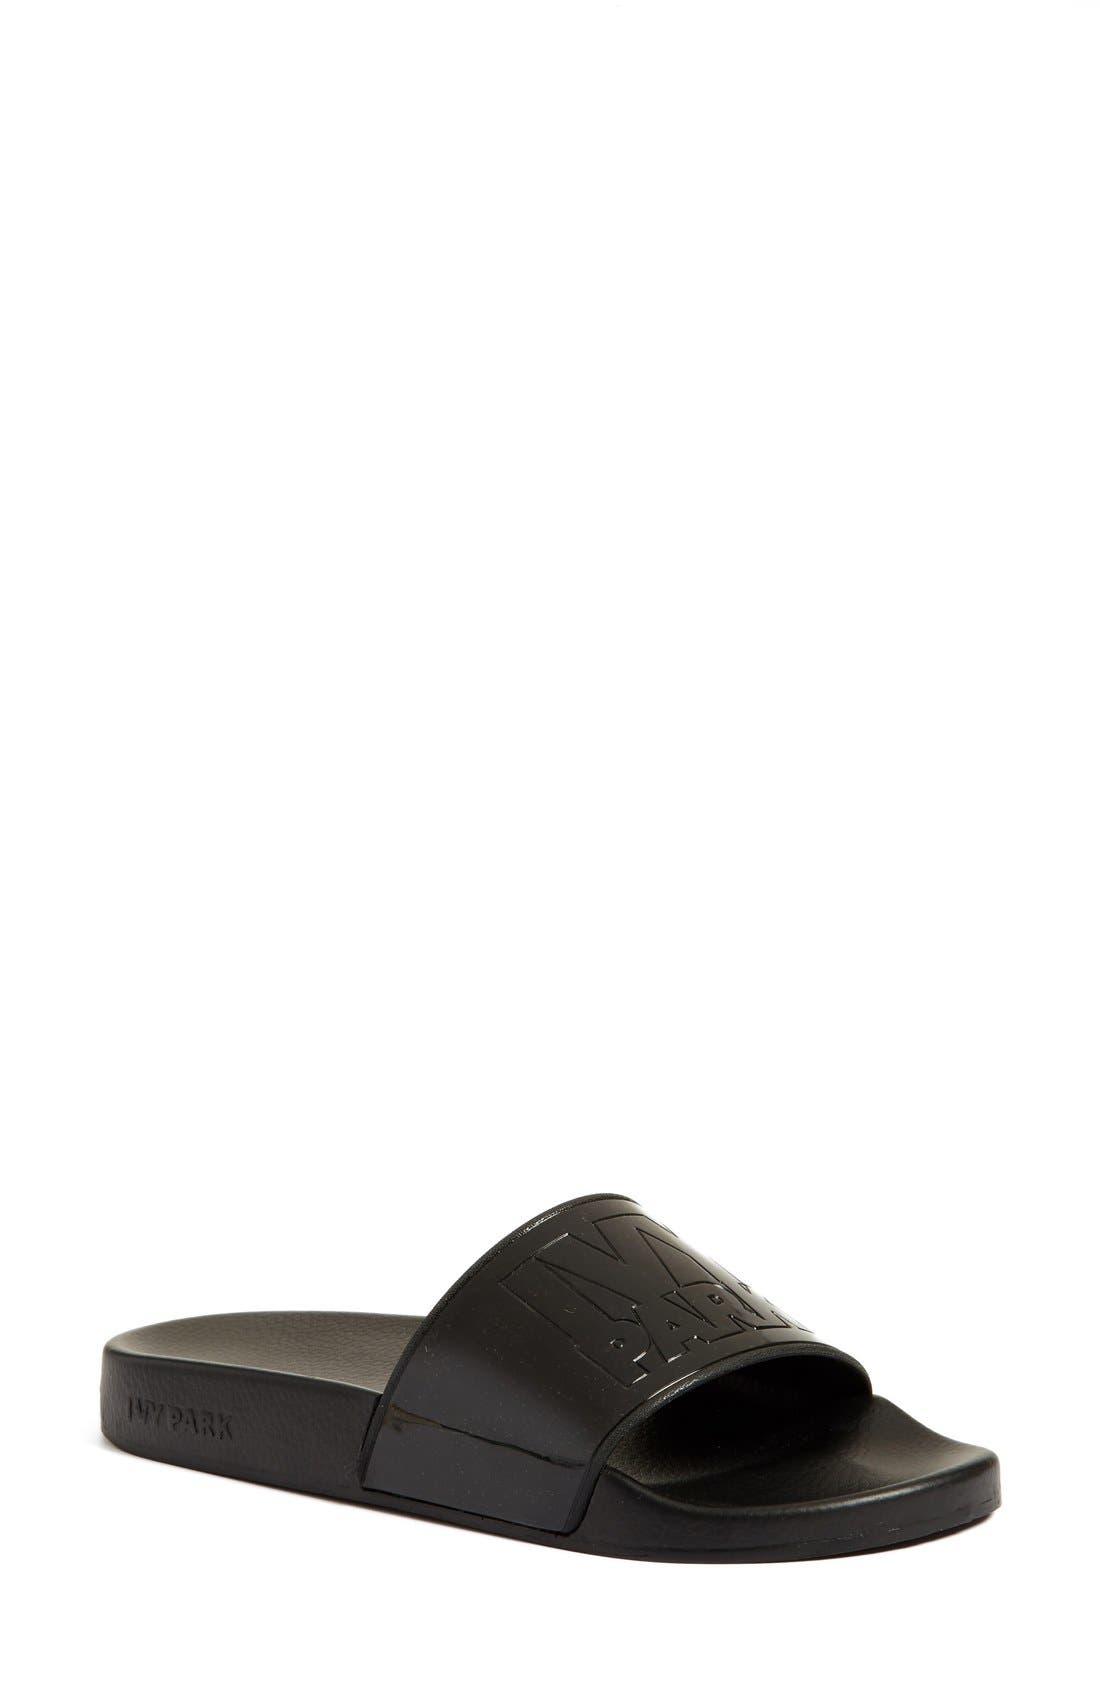 Alternate Image 1 Selected - IVY PARK® Logo Slide Sandal (Women)